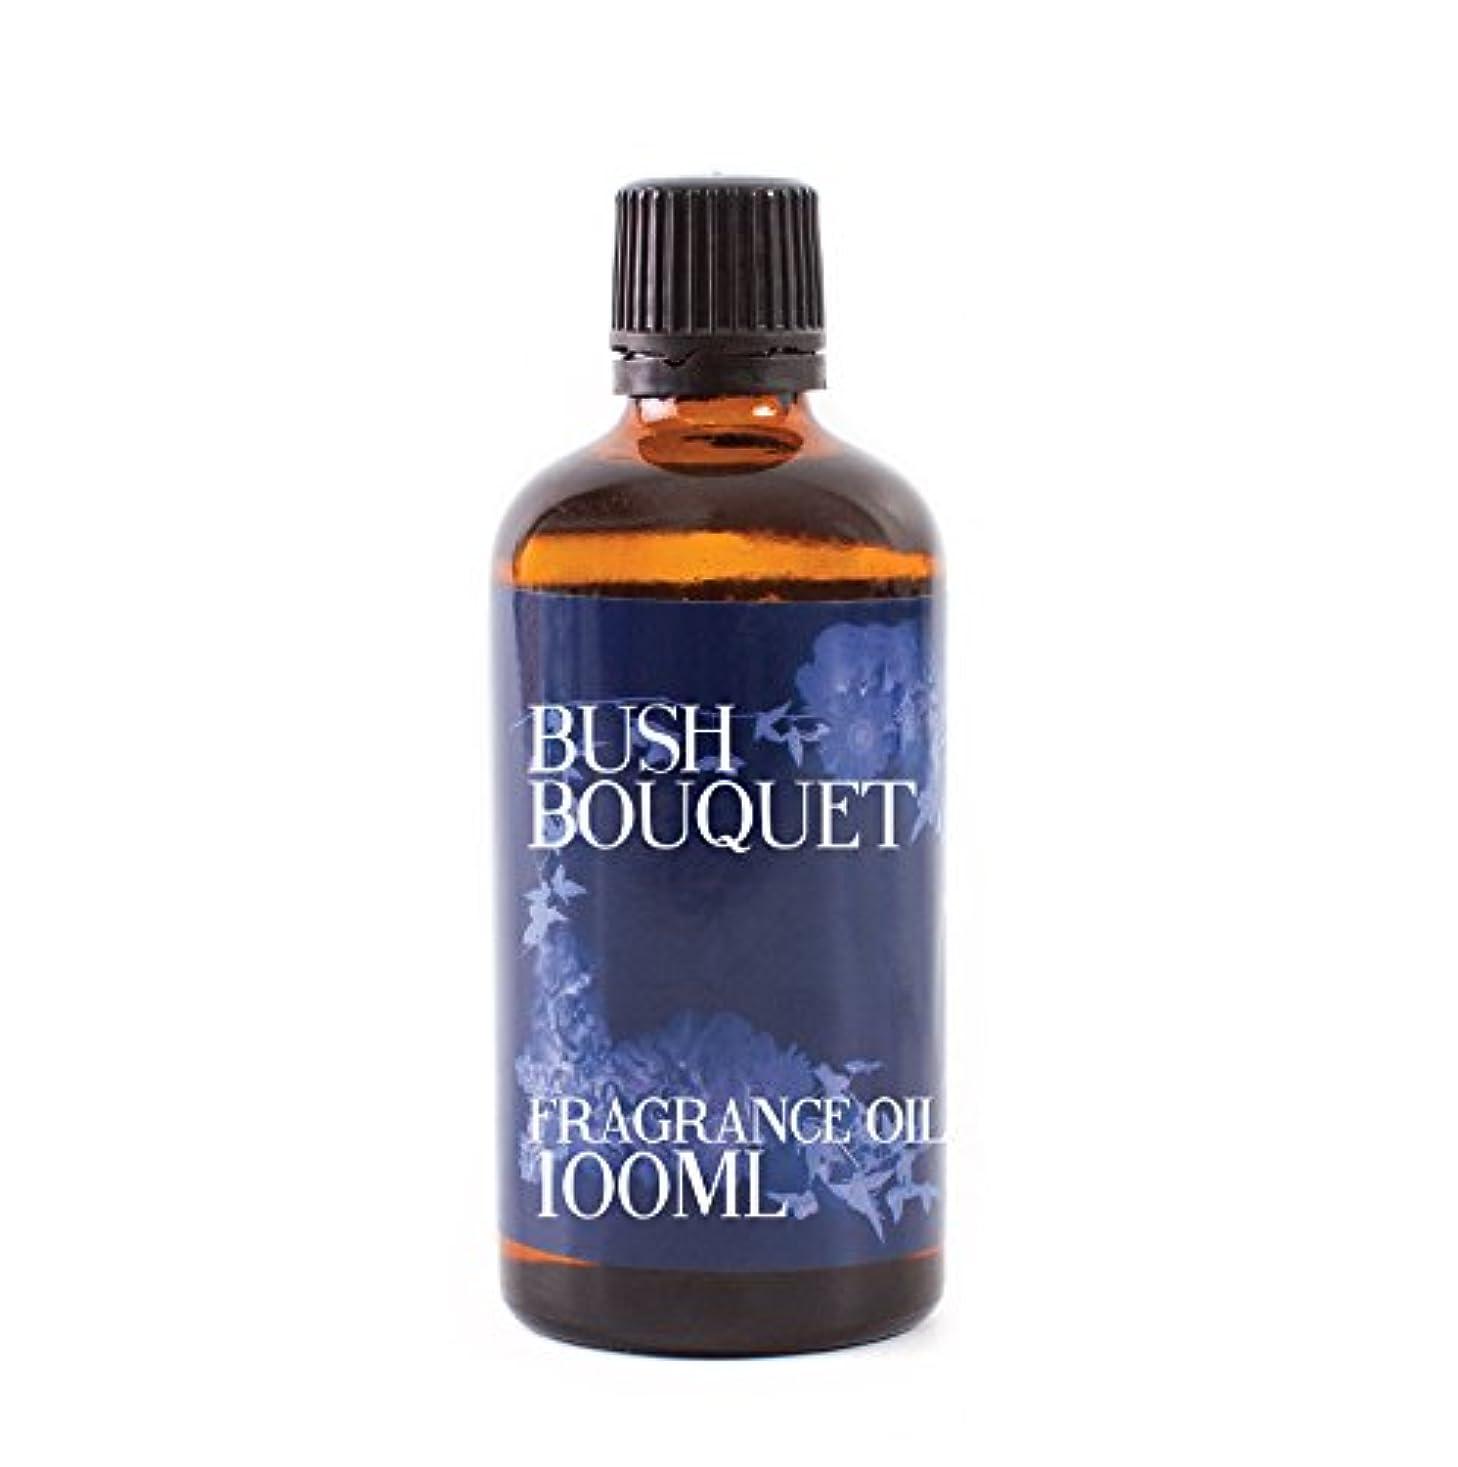 手紙を書く幻影ベッツィトロットウッドMystic Moments   Bush Bouquet Fragrance Oil - 100ml